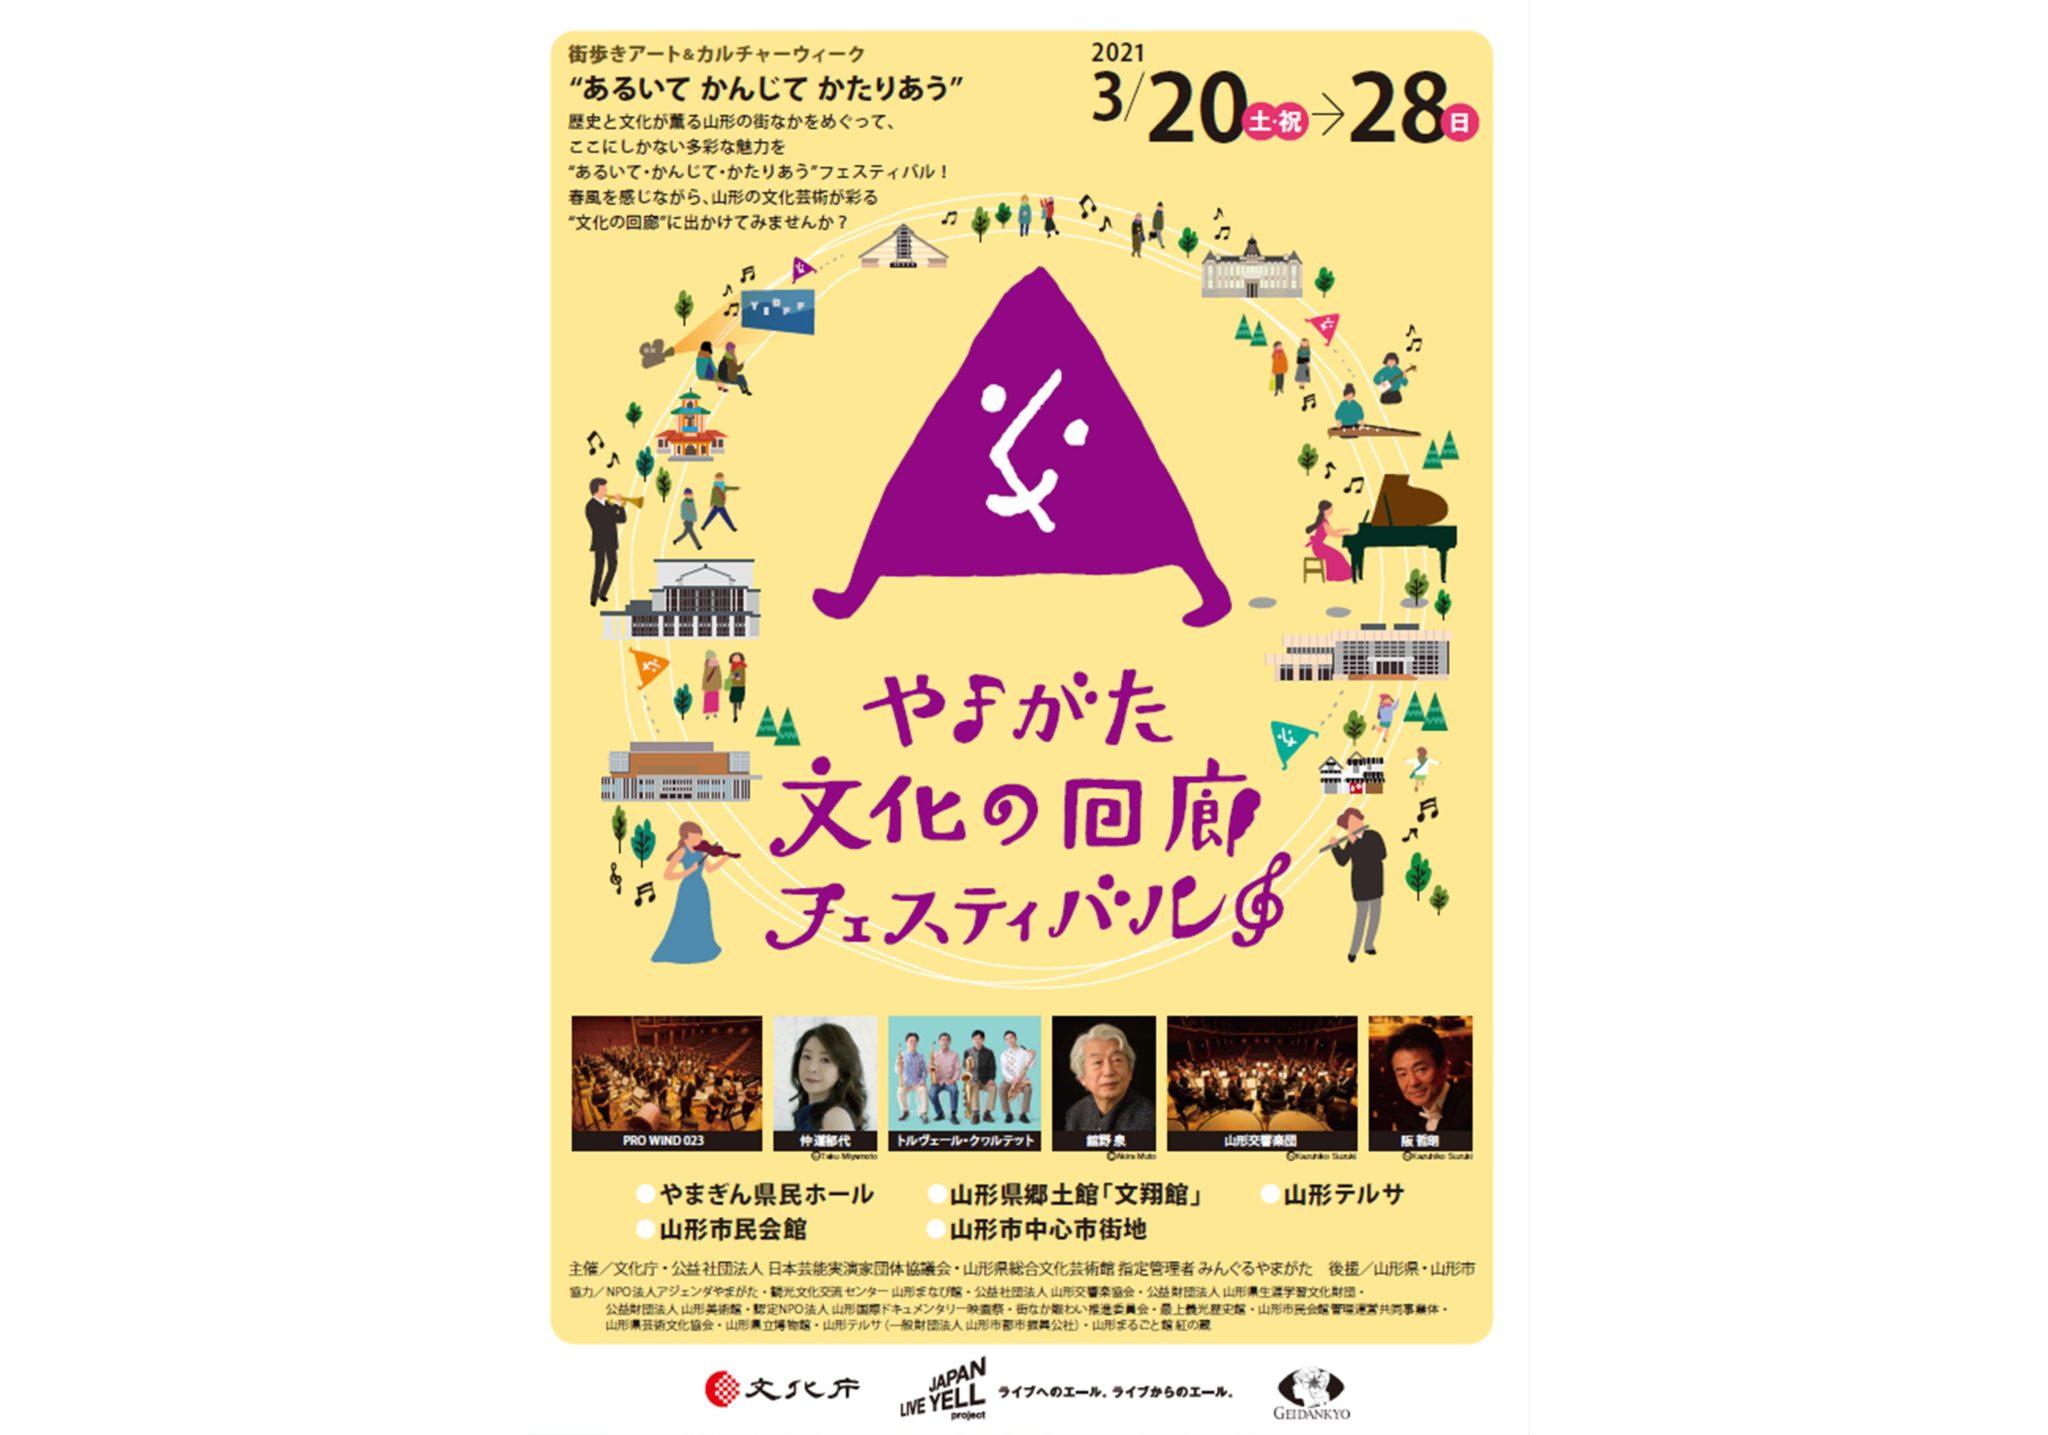 やまがた文化の回廊 フェスティバル